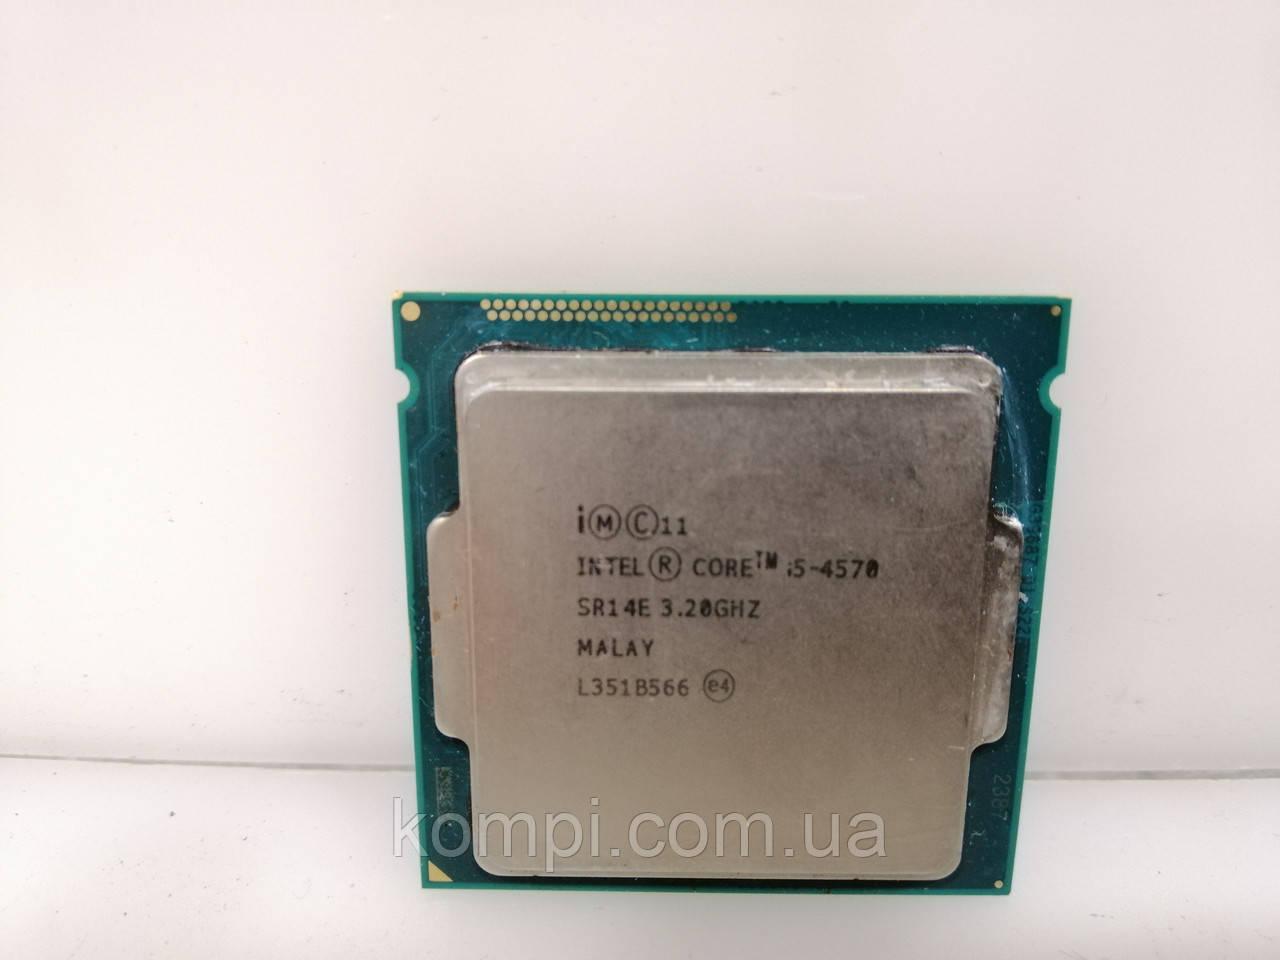 Процессор Intel I5 4570  4x3.2 (3.6)GHz 8mb/ 80Wt /  s1150